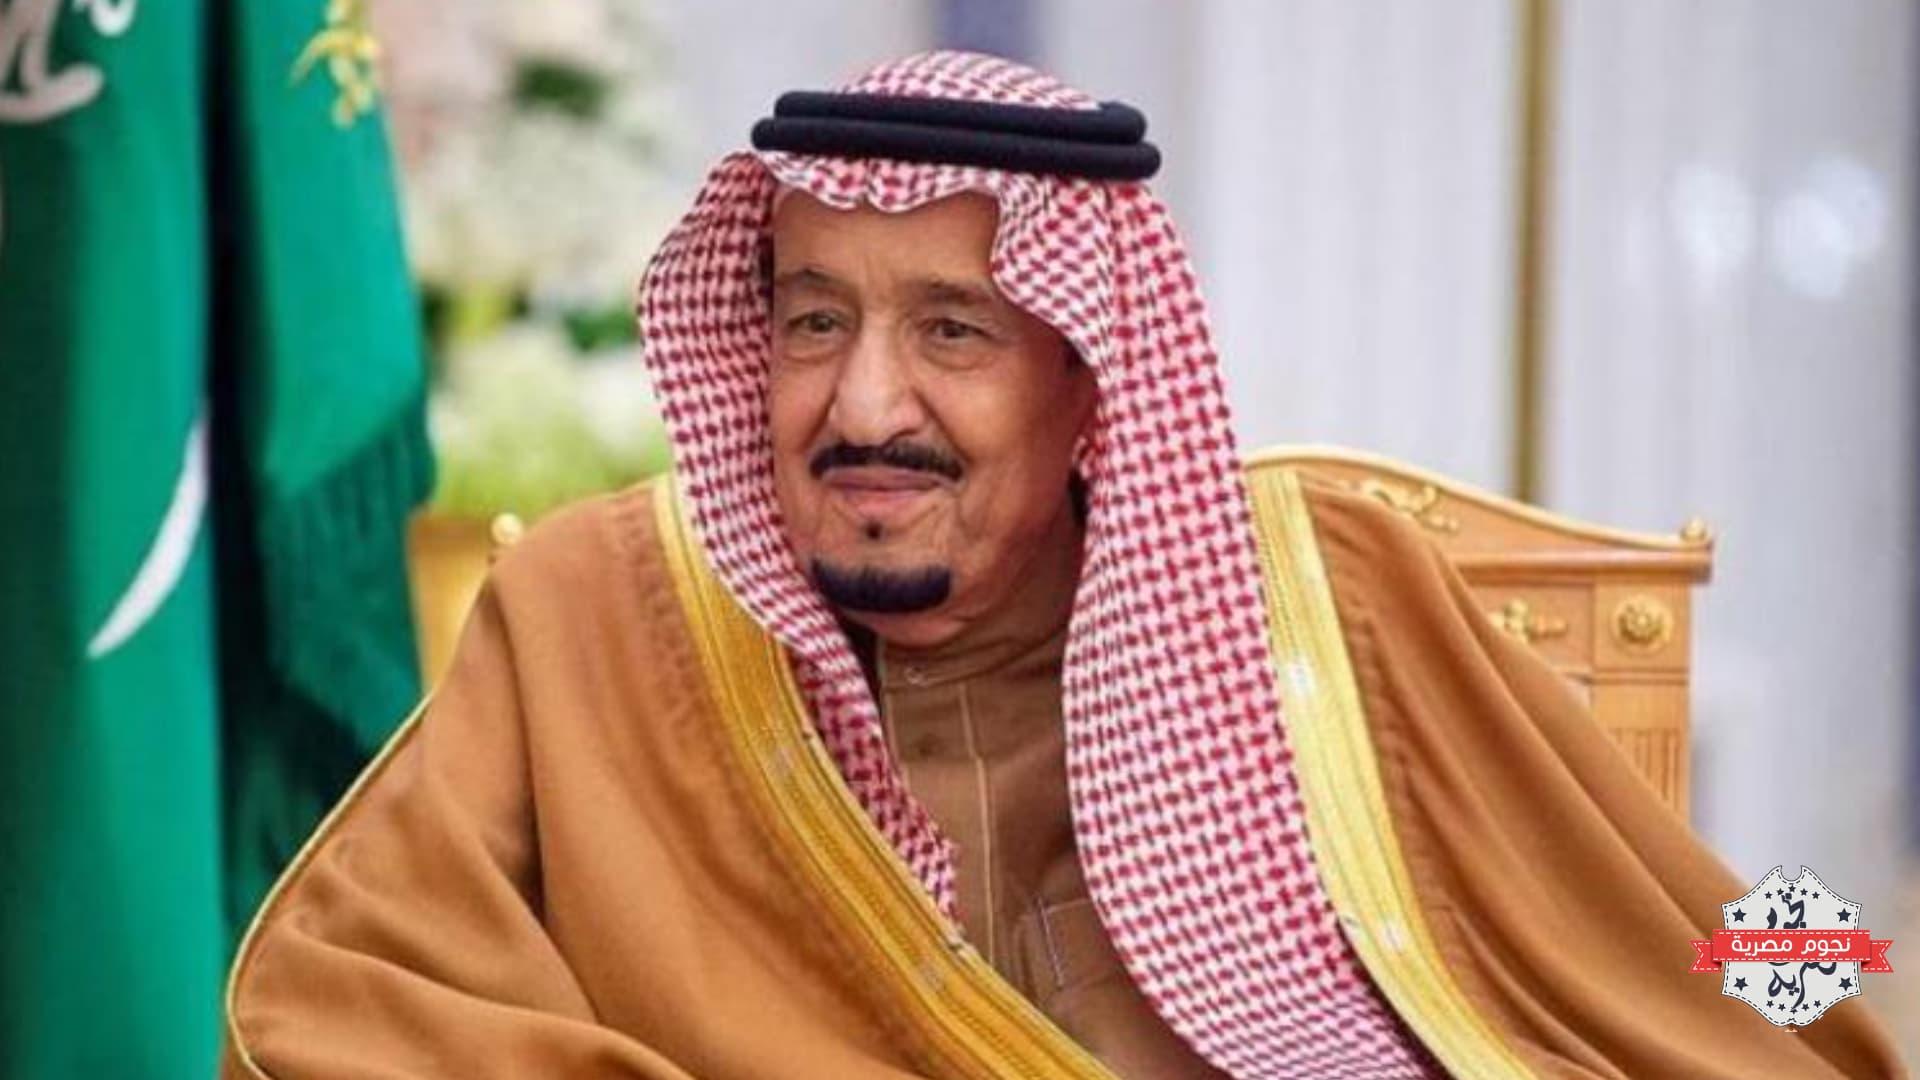 الملك سلمان يُصدر عدة قرارات هامة بعد اجتماعه بالوزراء 1 26/11/2020 - 11:52 ص